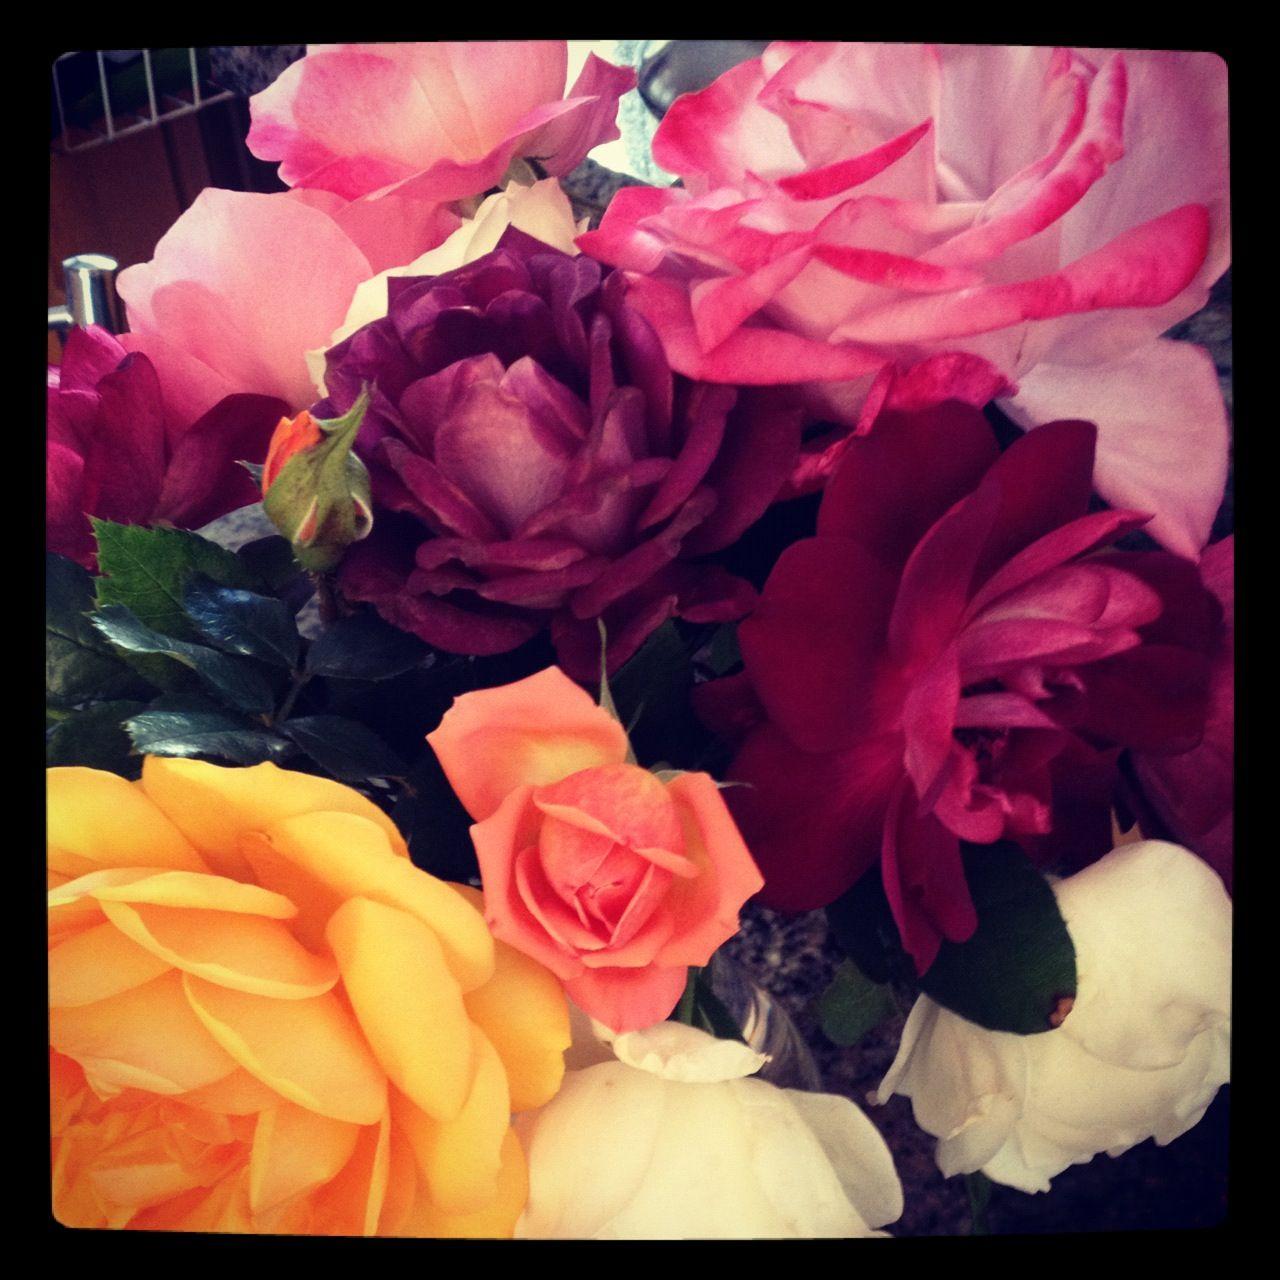 My garden roses Rose, Flowers, Garden